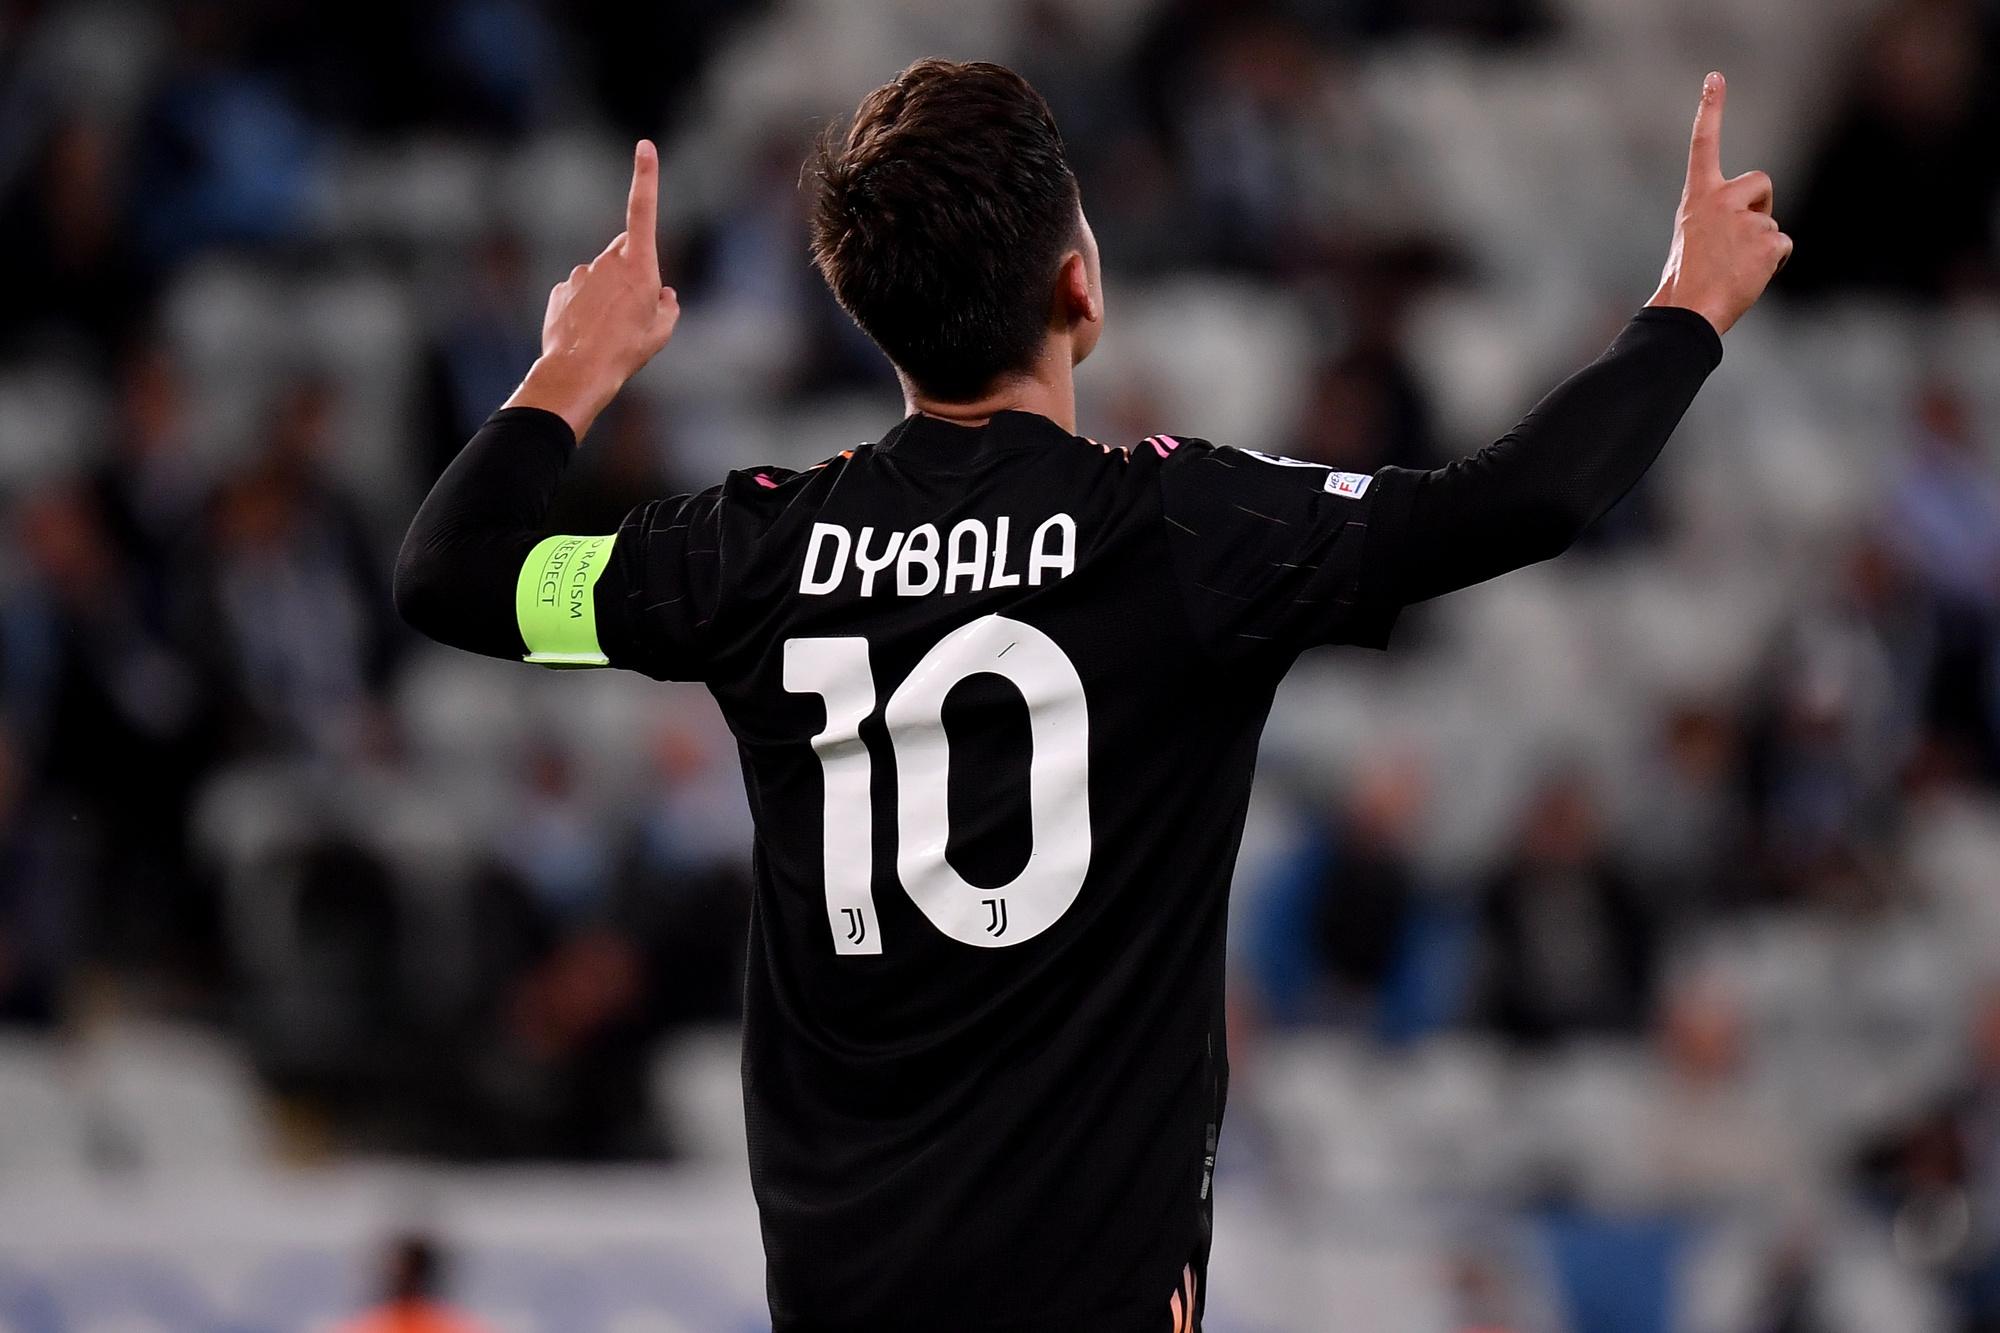 Paulo Dybala a été l'un des artisans de la large victoire de la Juventus à Malmö., belga